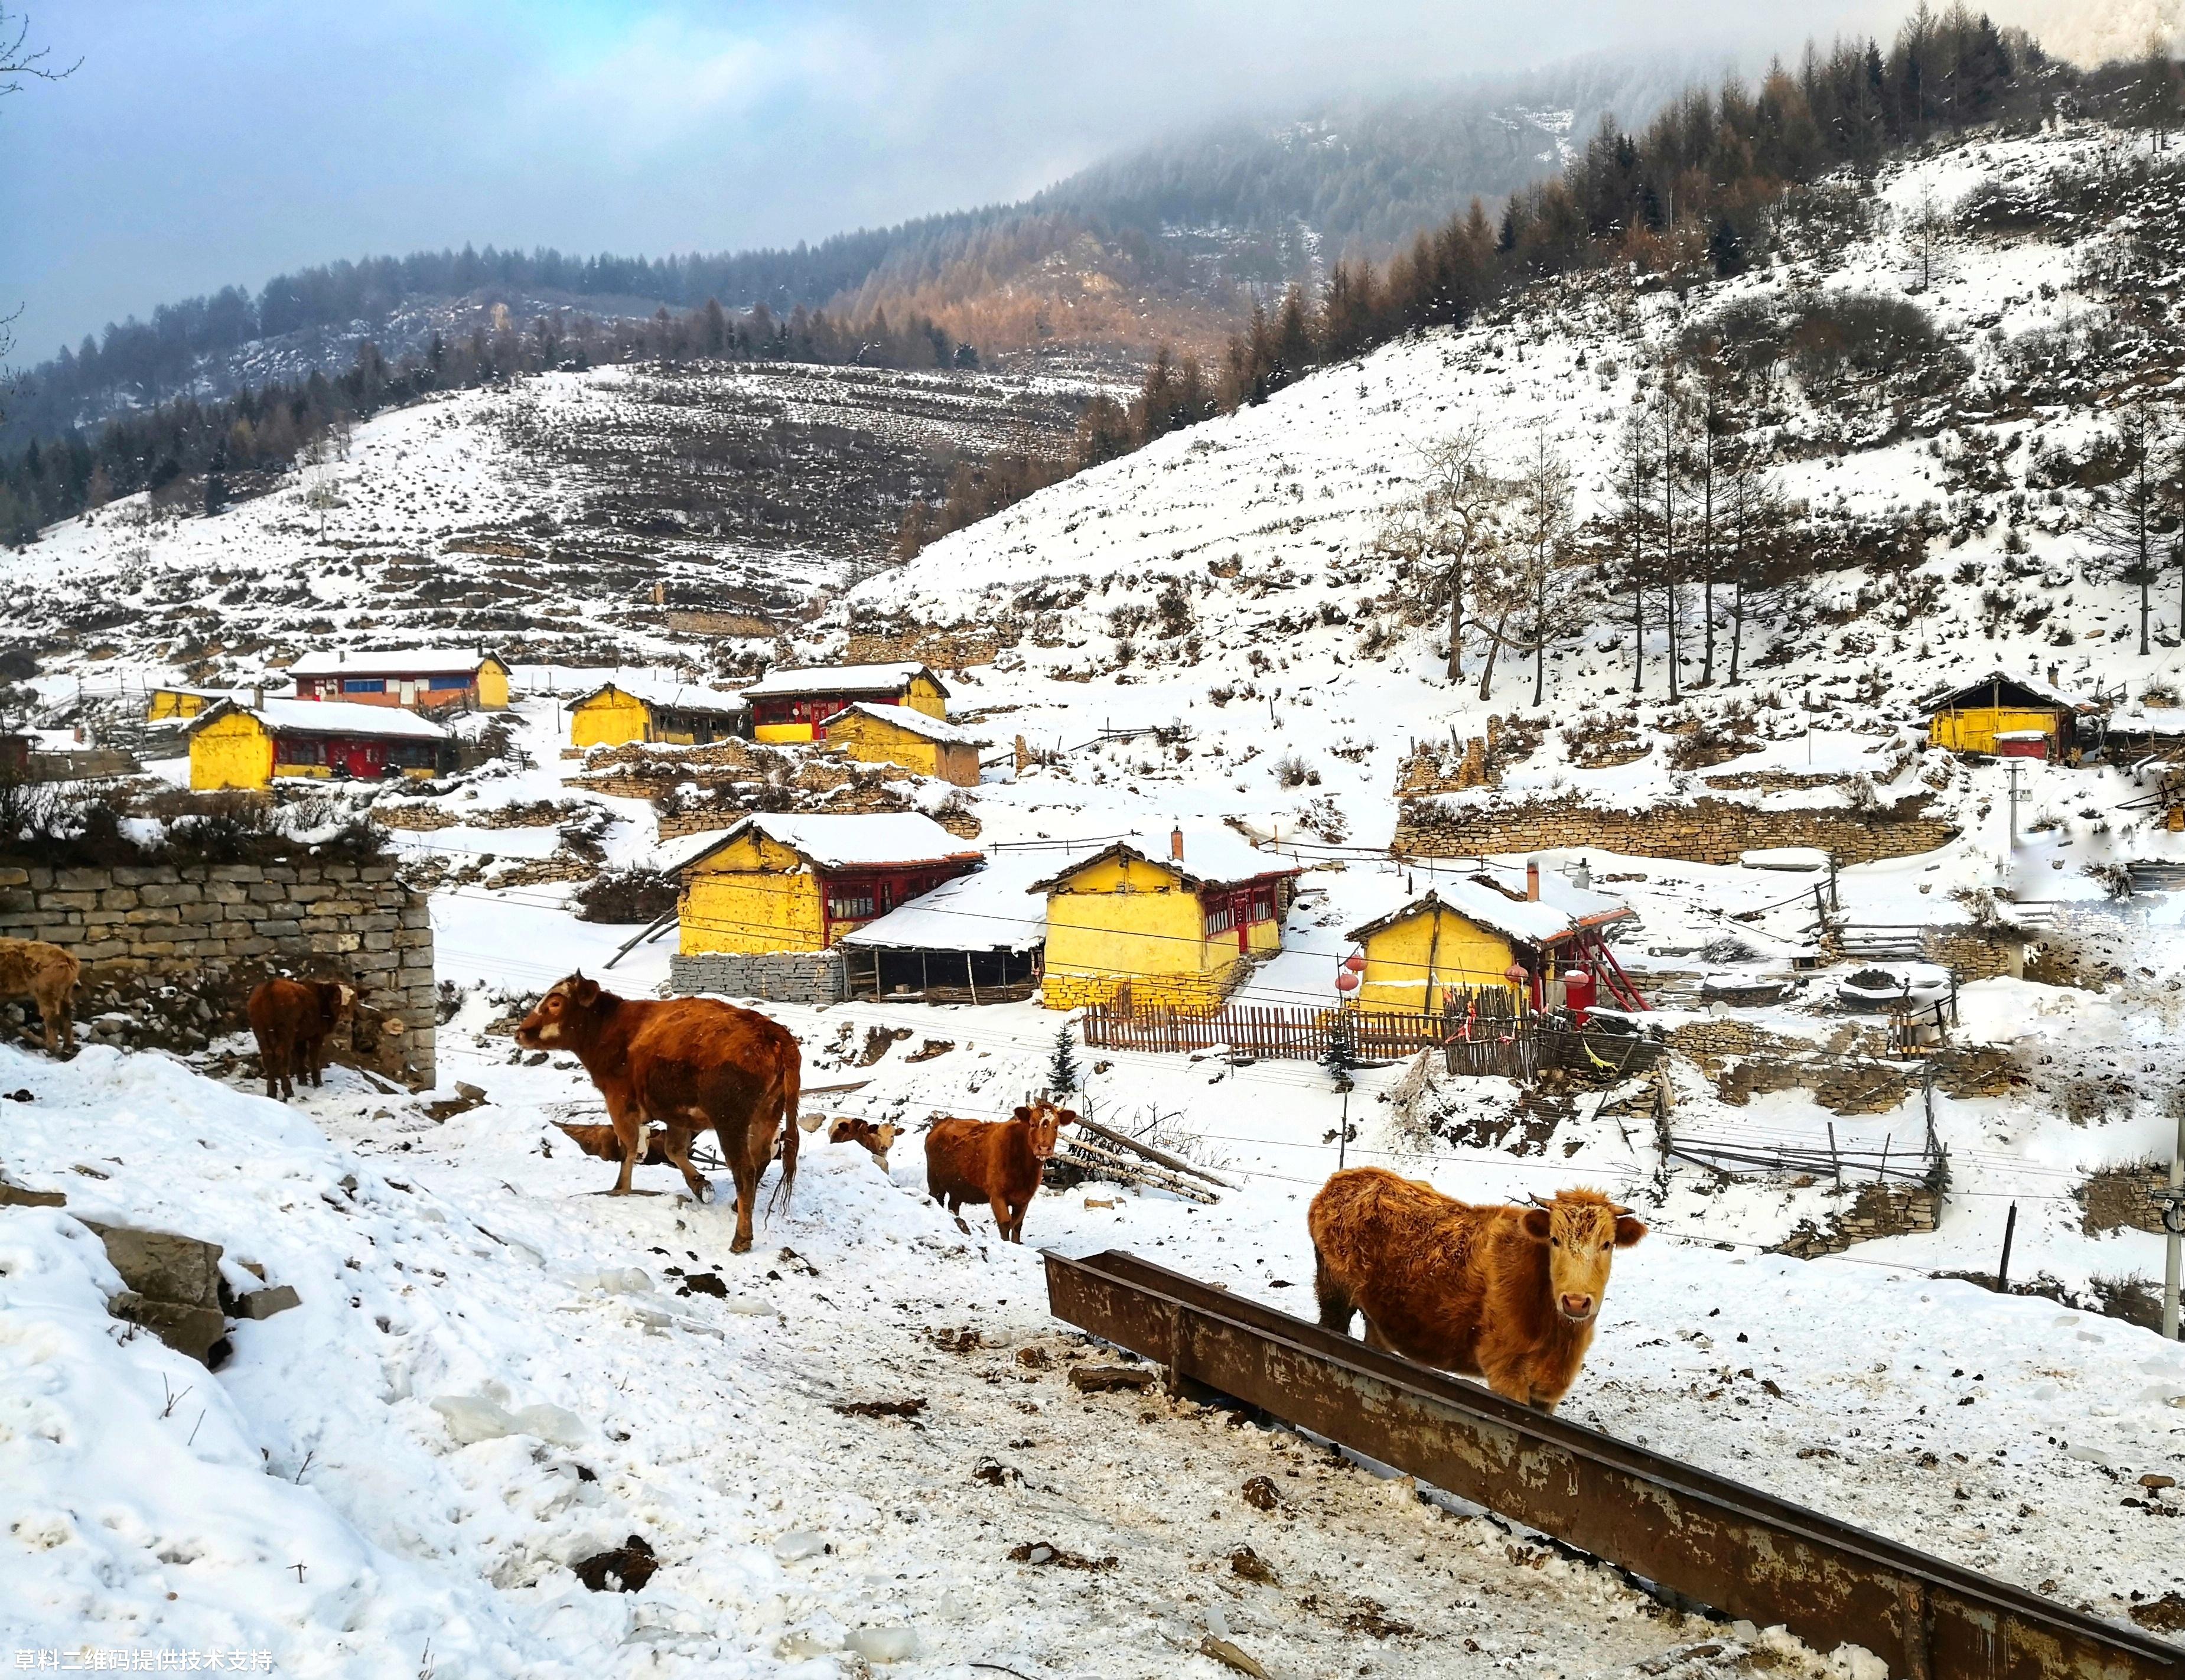 翟国栋 《静静的小山村》HUAWEI,下雪徒步上山,发现村民因寒冷,都躲在家里取暖,只有牛儿静静的在外觅食。.jpg